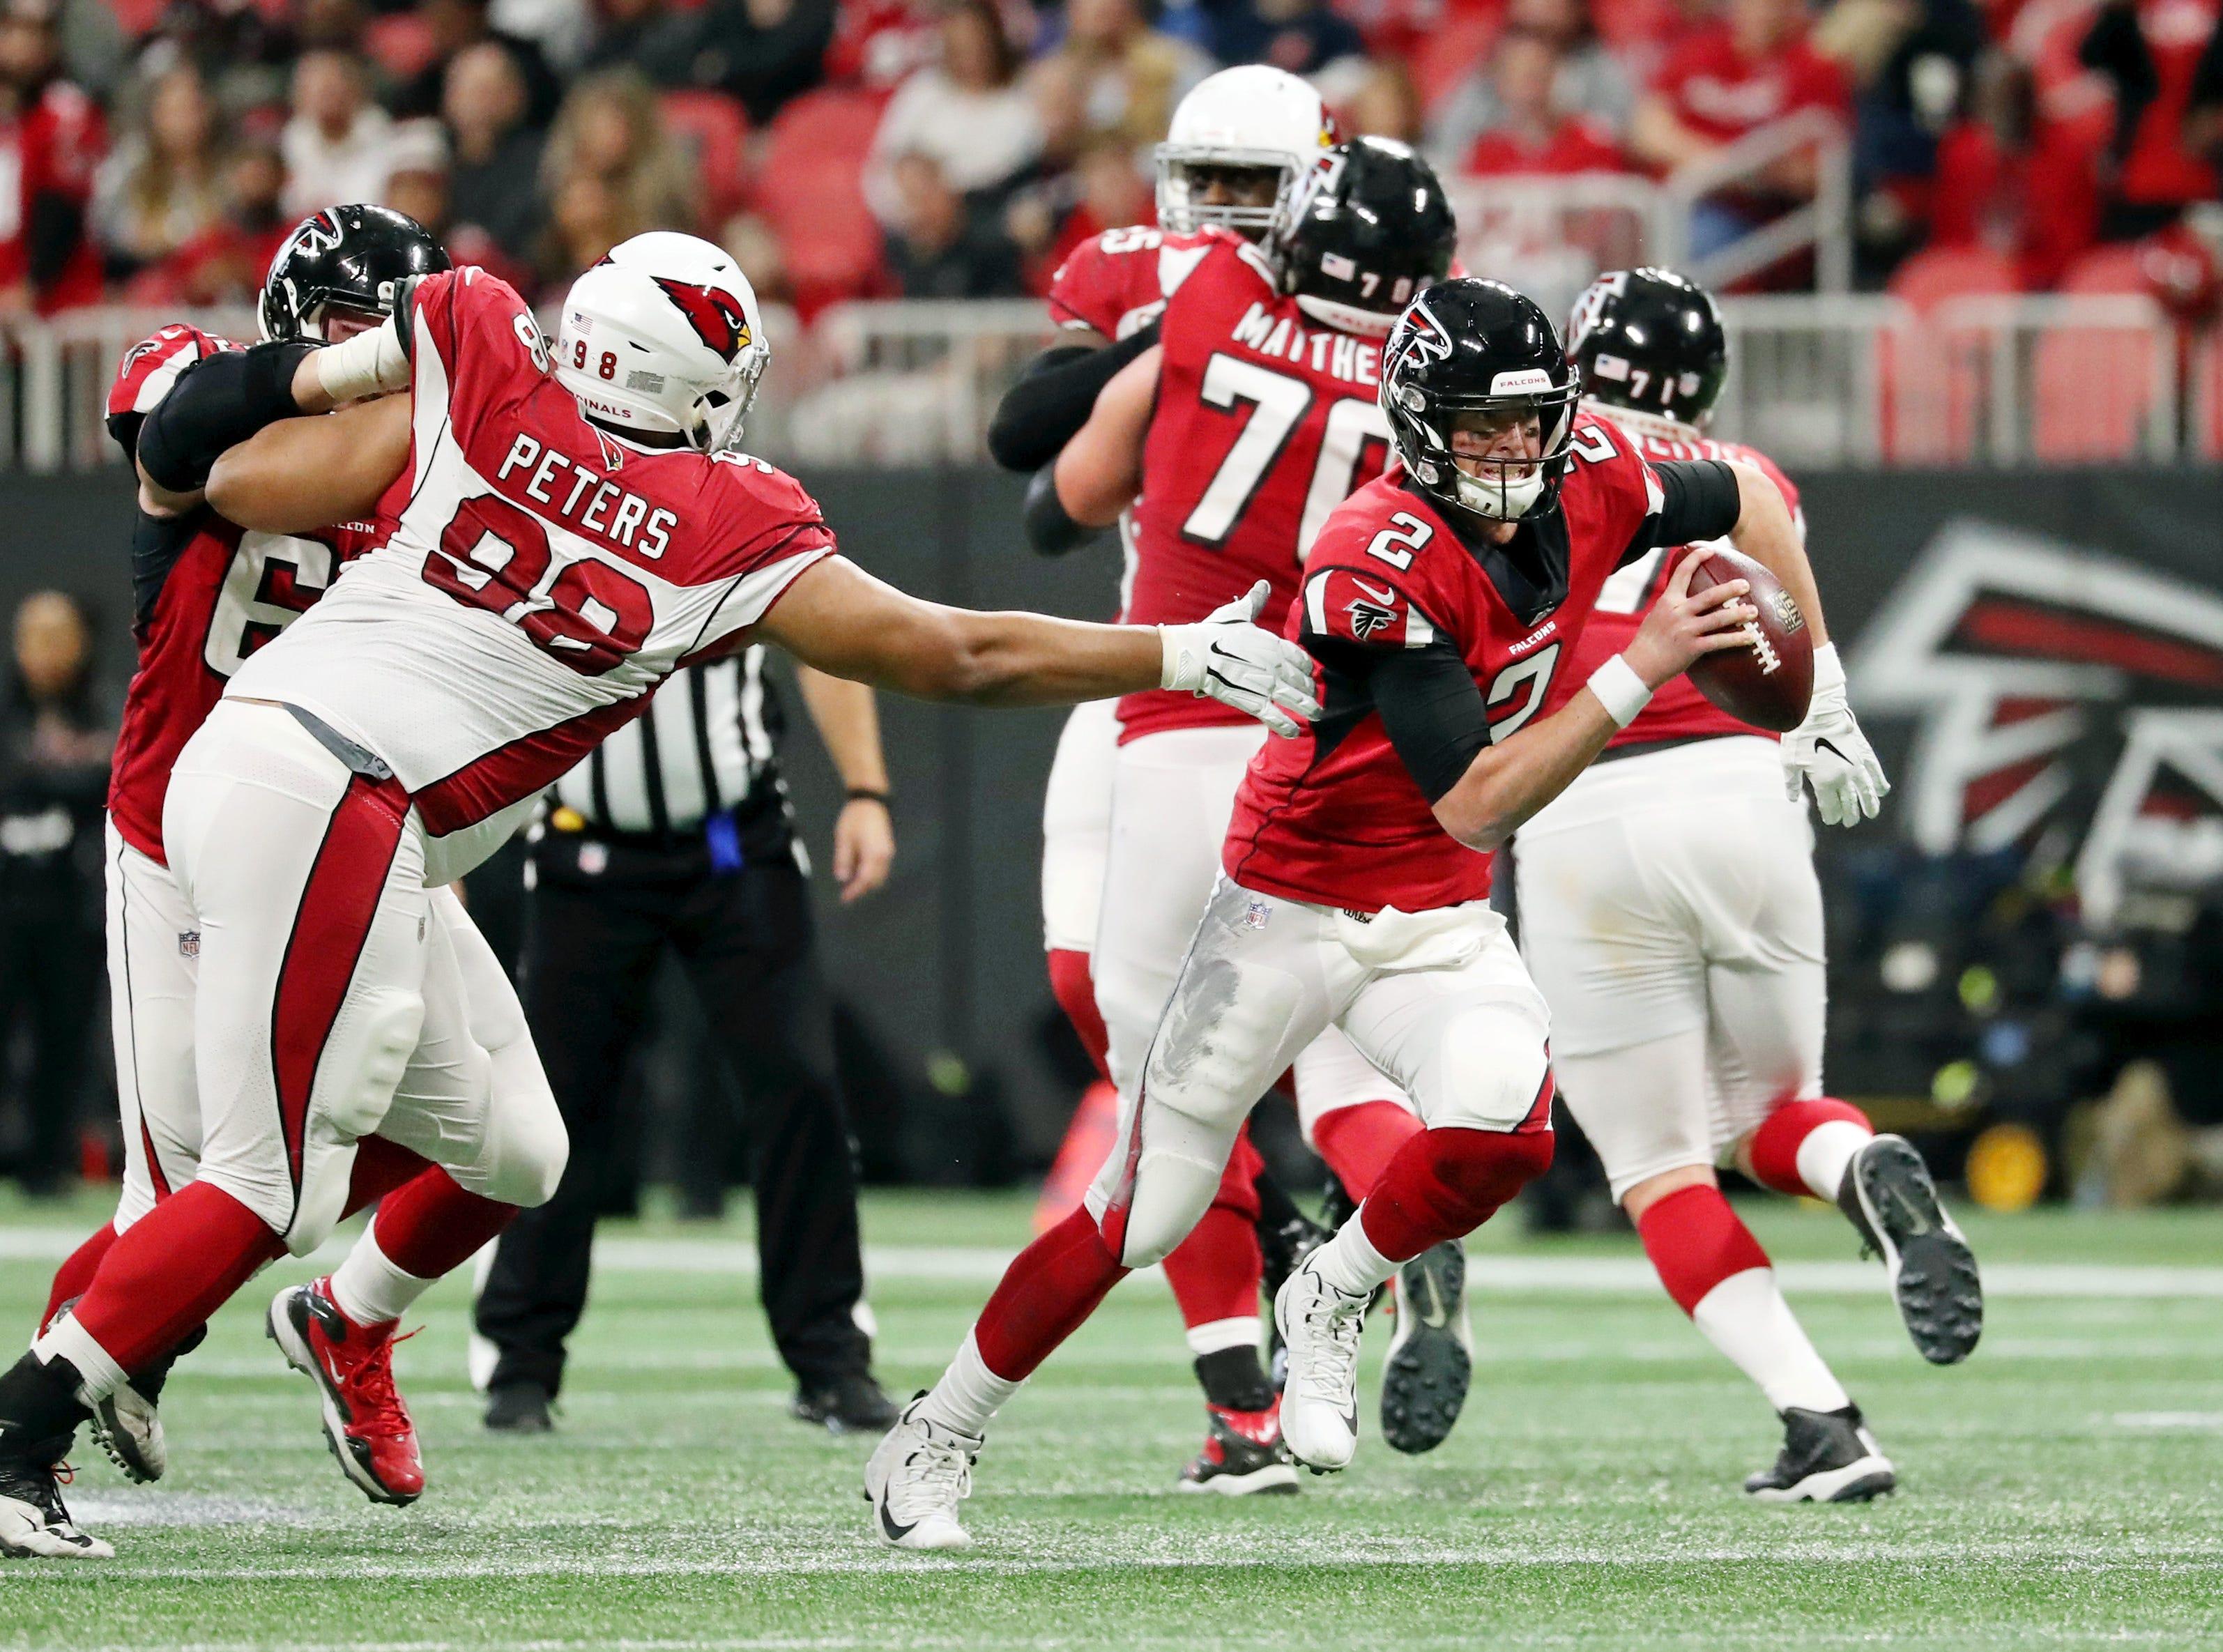 Dec 16, 2018; Atlanta, GA, USA; Atlanta Falcons quarterback Matt Ryan (2) runs past Arizona Cardinals defensive tackle Corey Peters (98) in the second quarter at Mercedes-Benz Stadium.